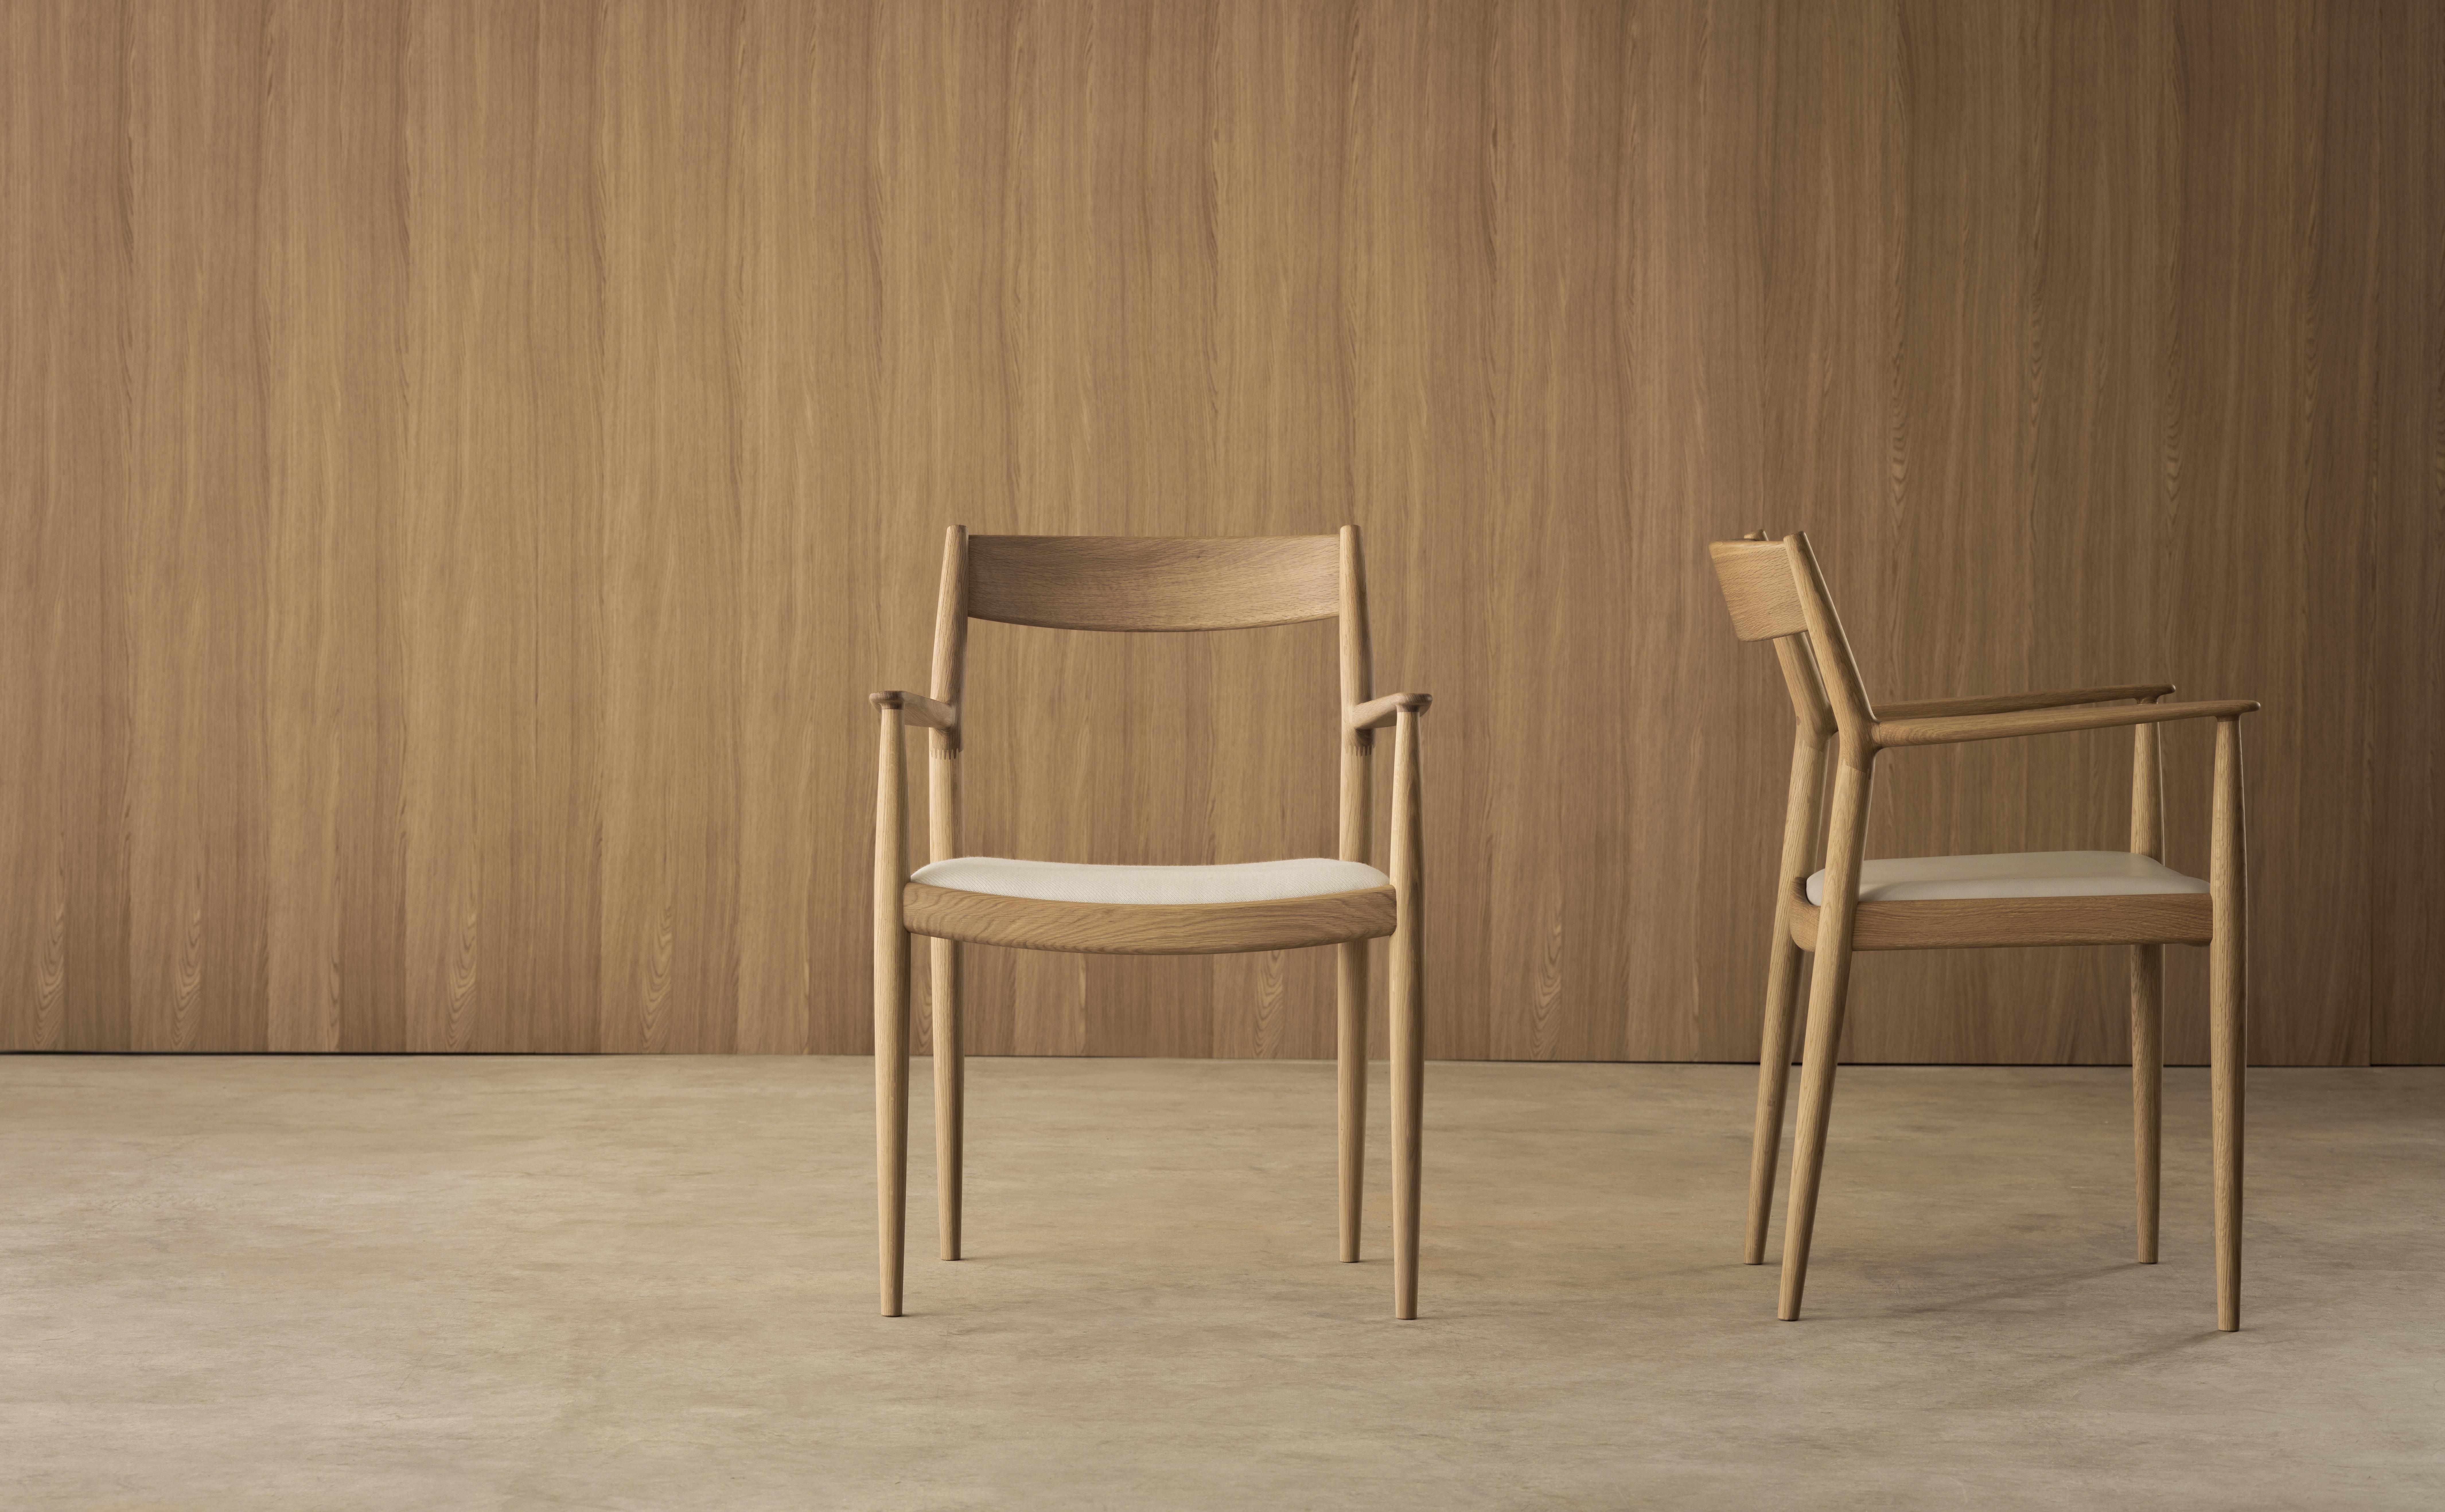 Karimoku Case Study: Dining Chair